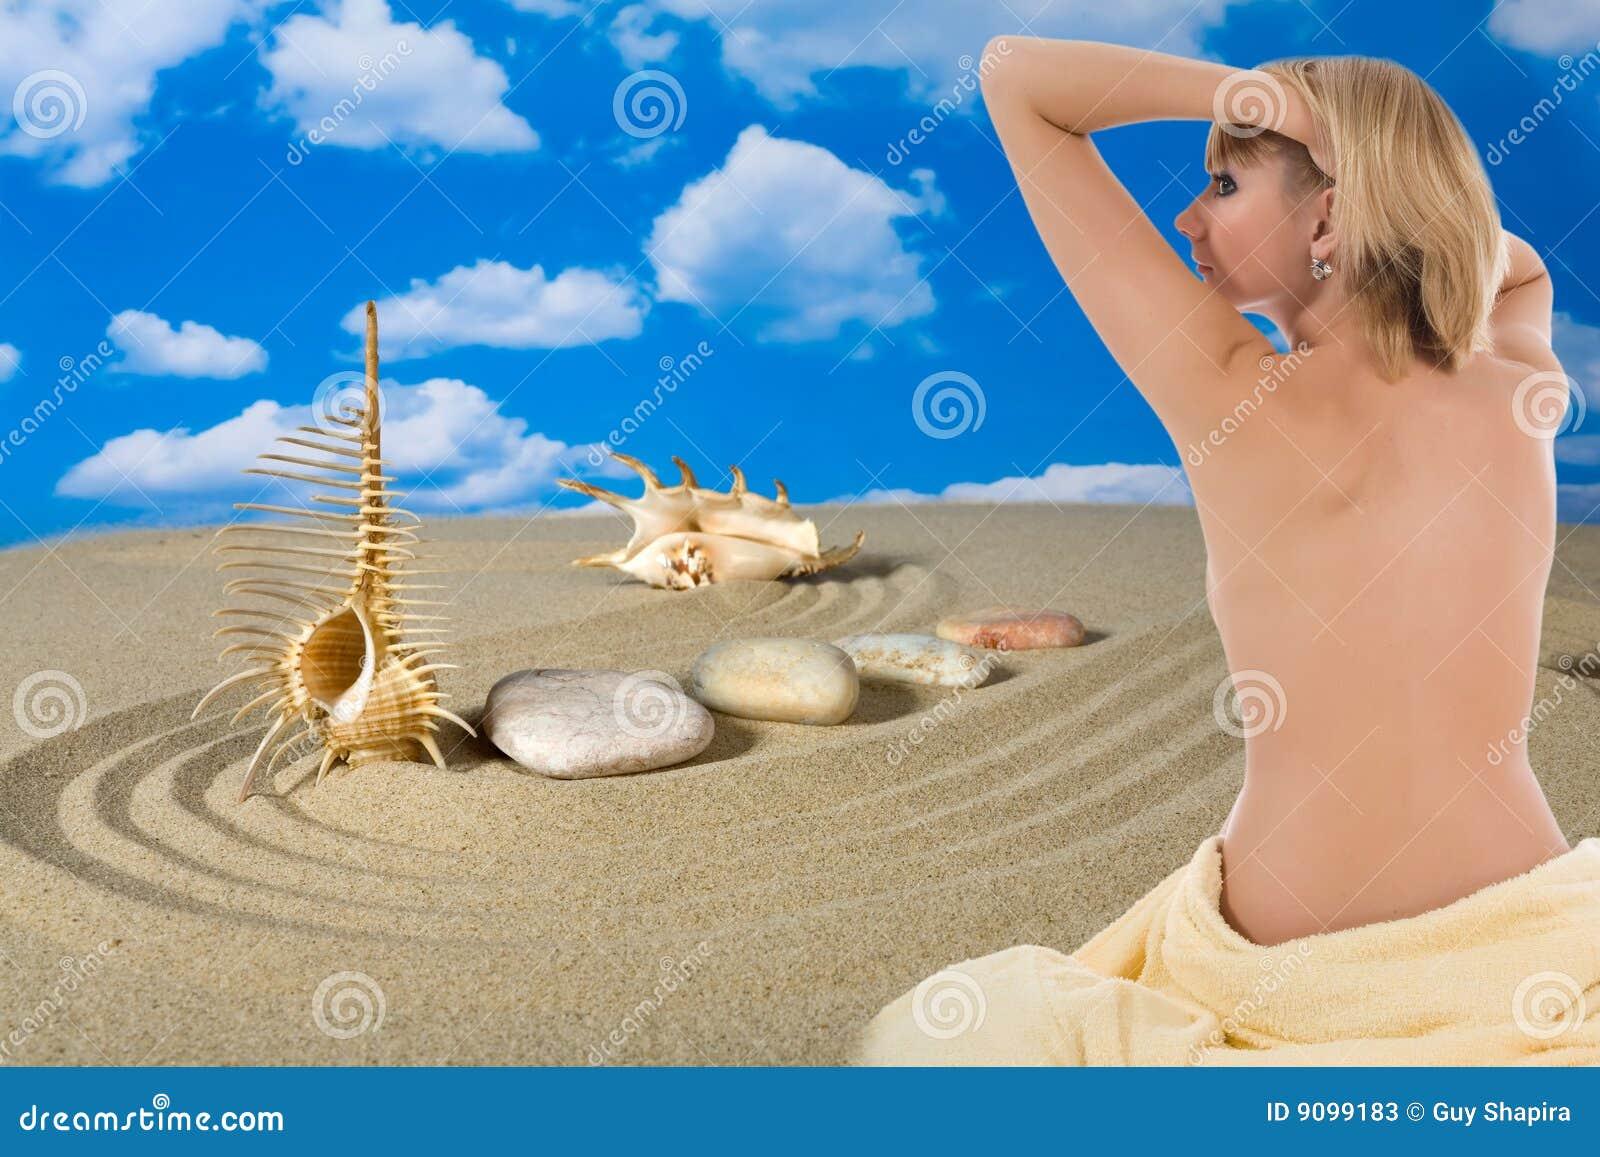 Schönes Mädchen mit Bademantel